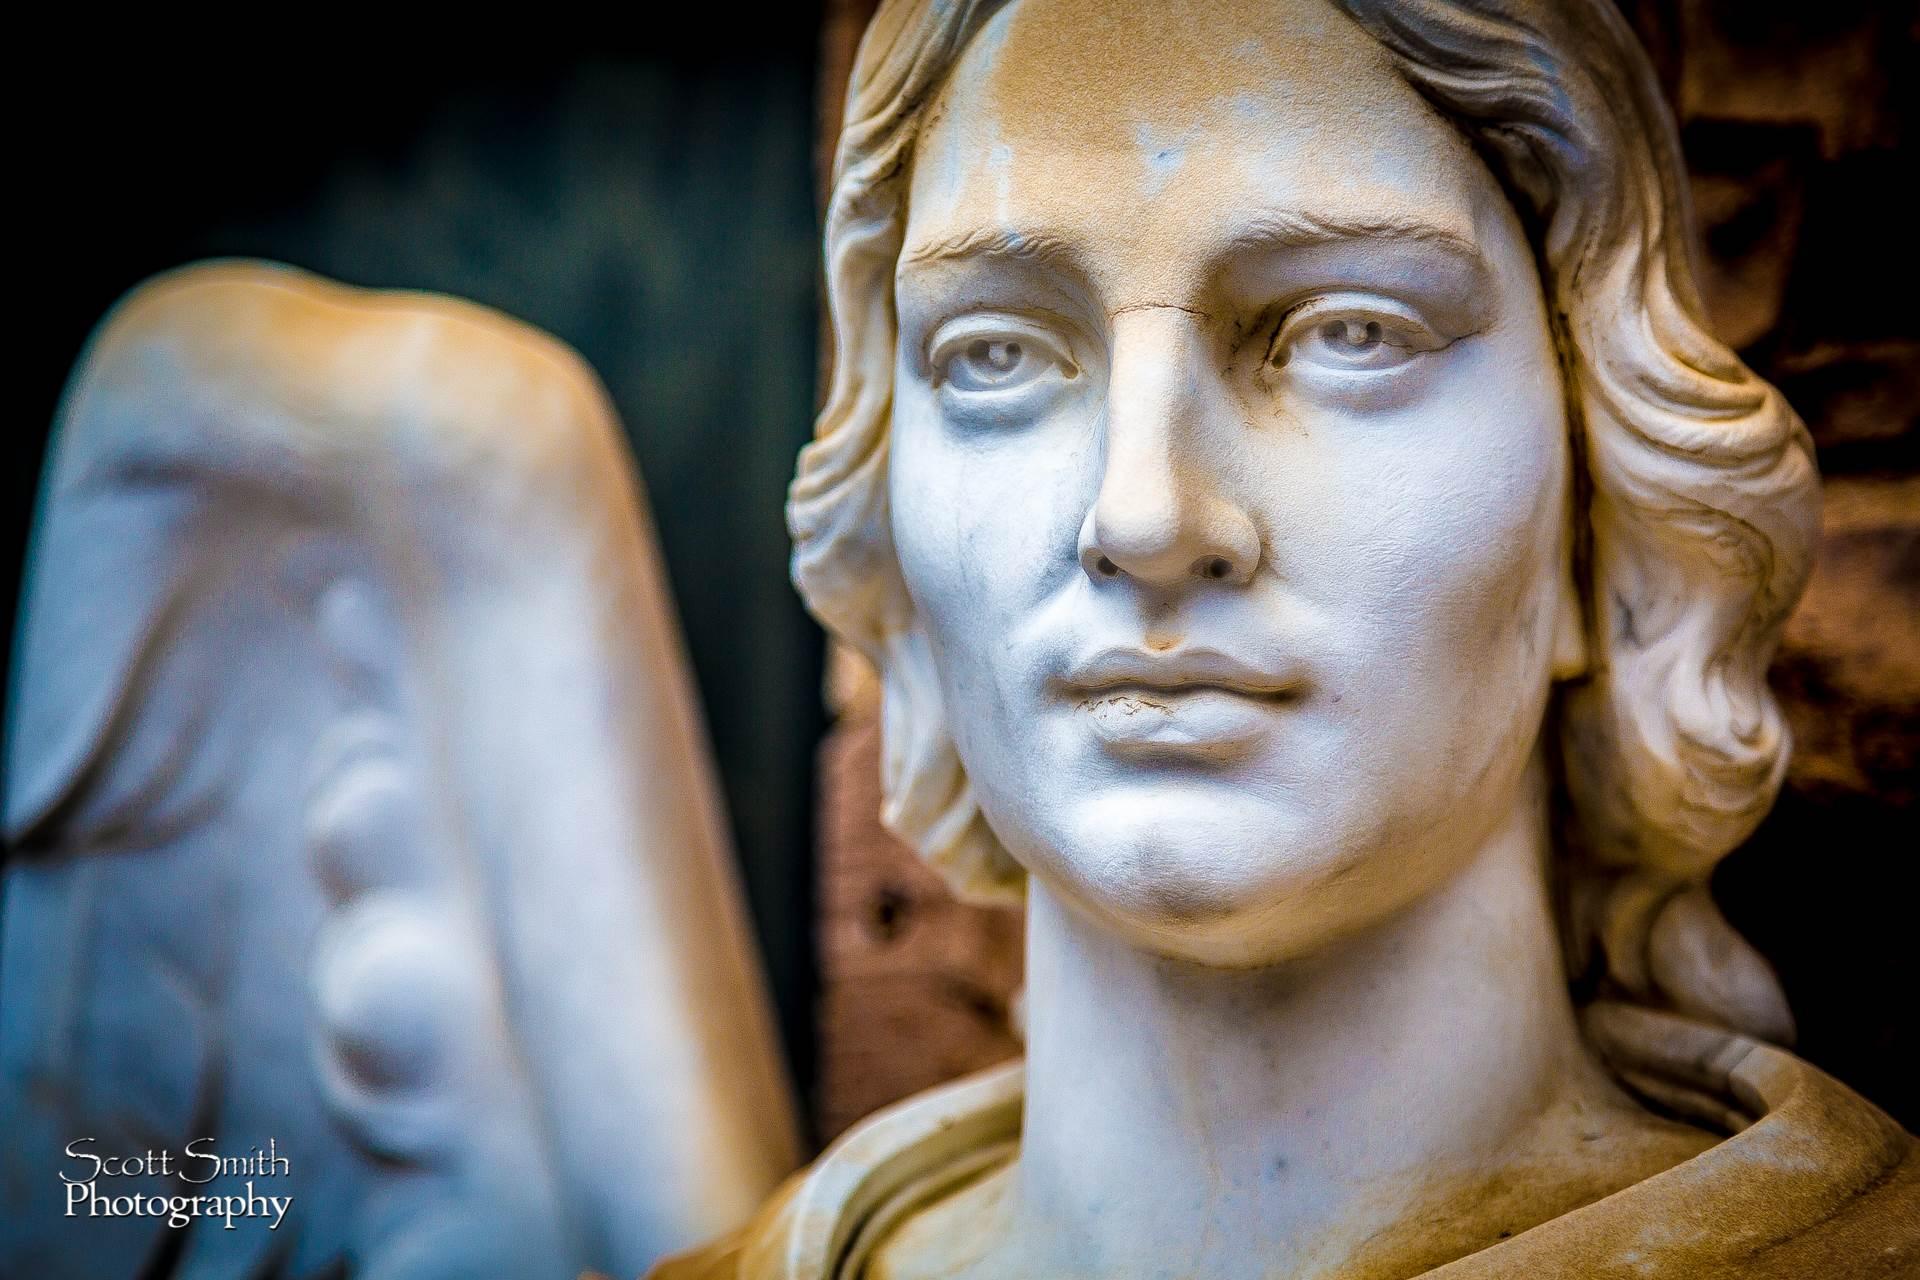 St. Luke's Angel -  by D Scott Smith